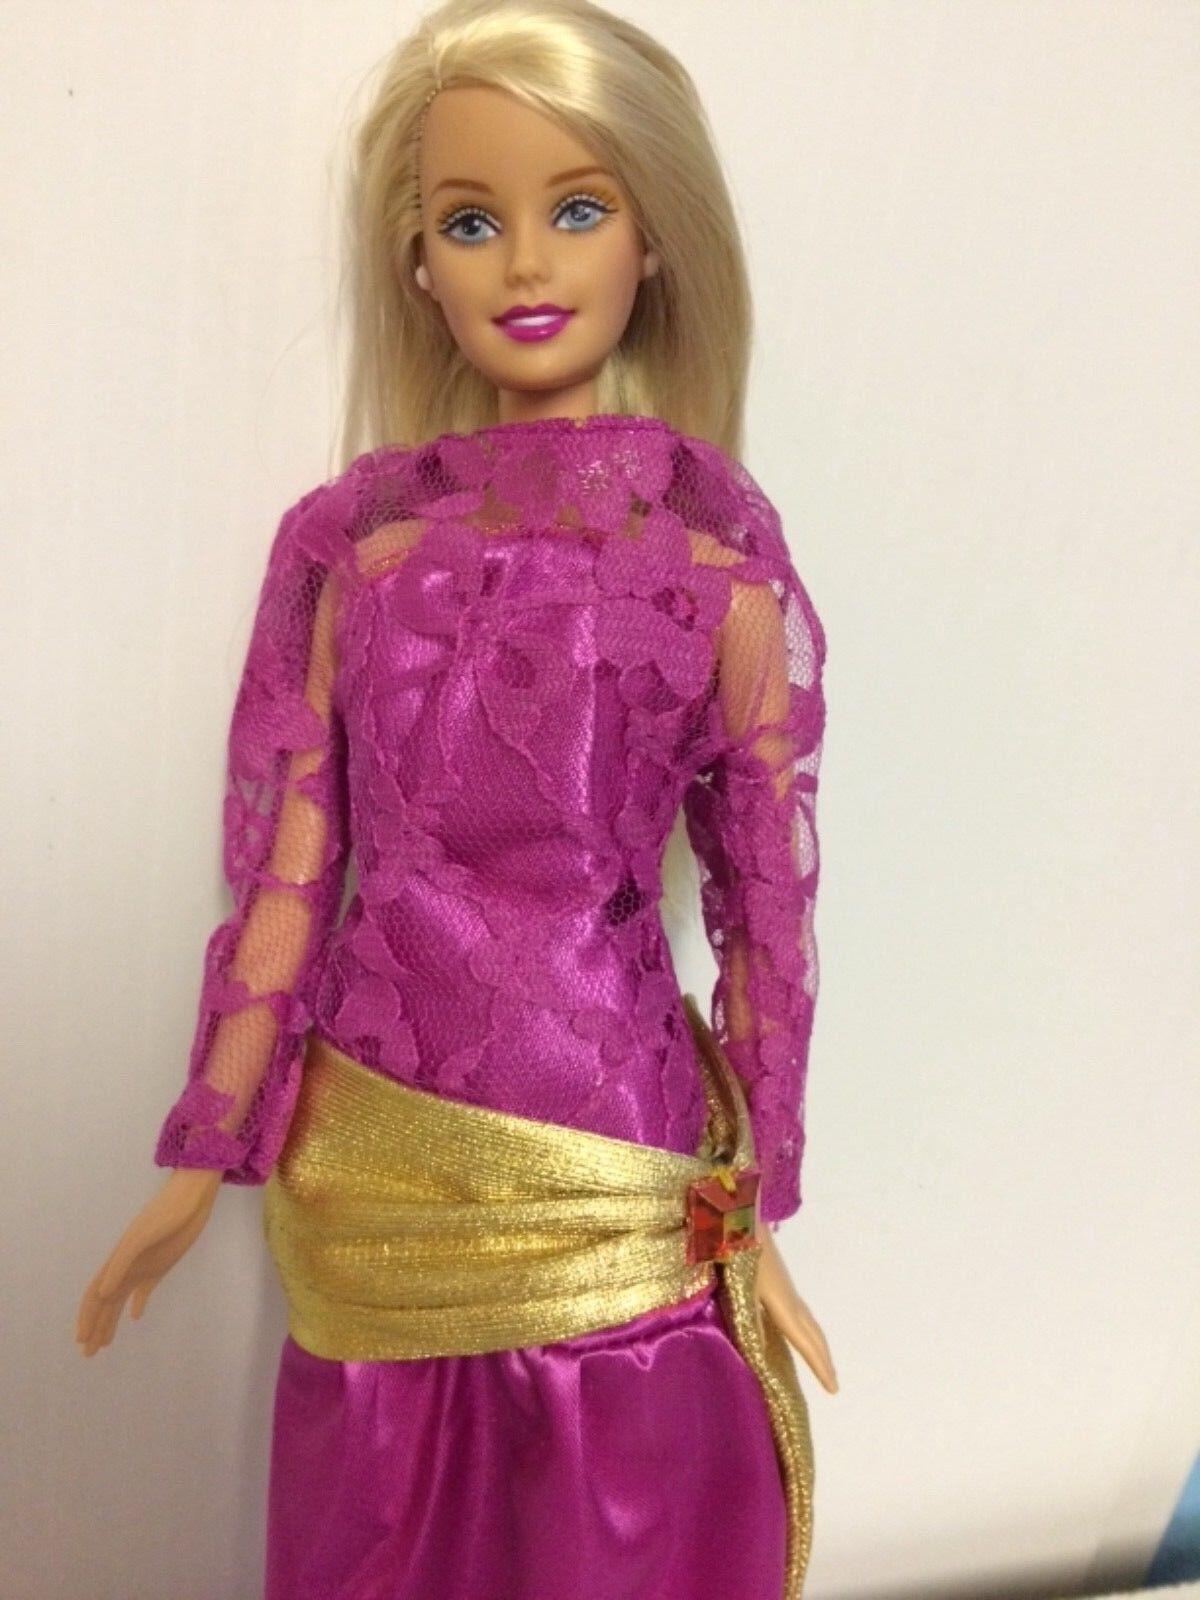 Barbie doll (playline) ROTressed in Oscar de la renta gown